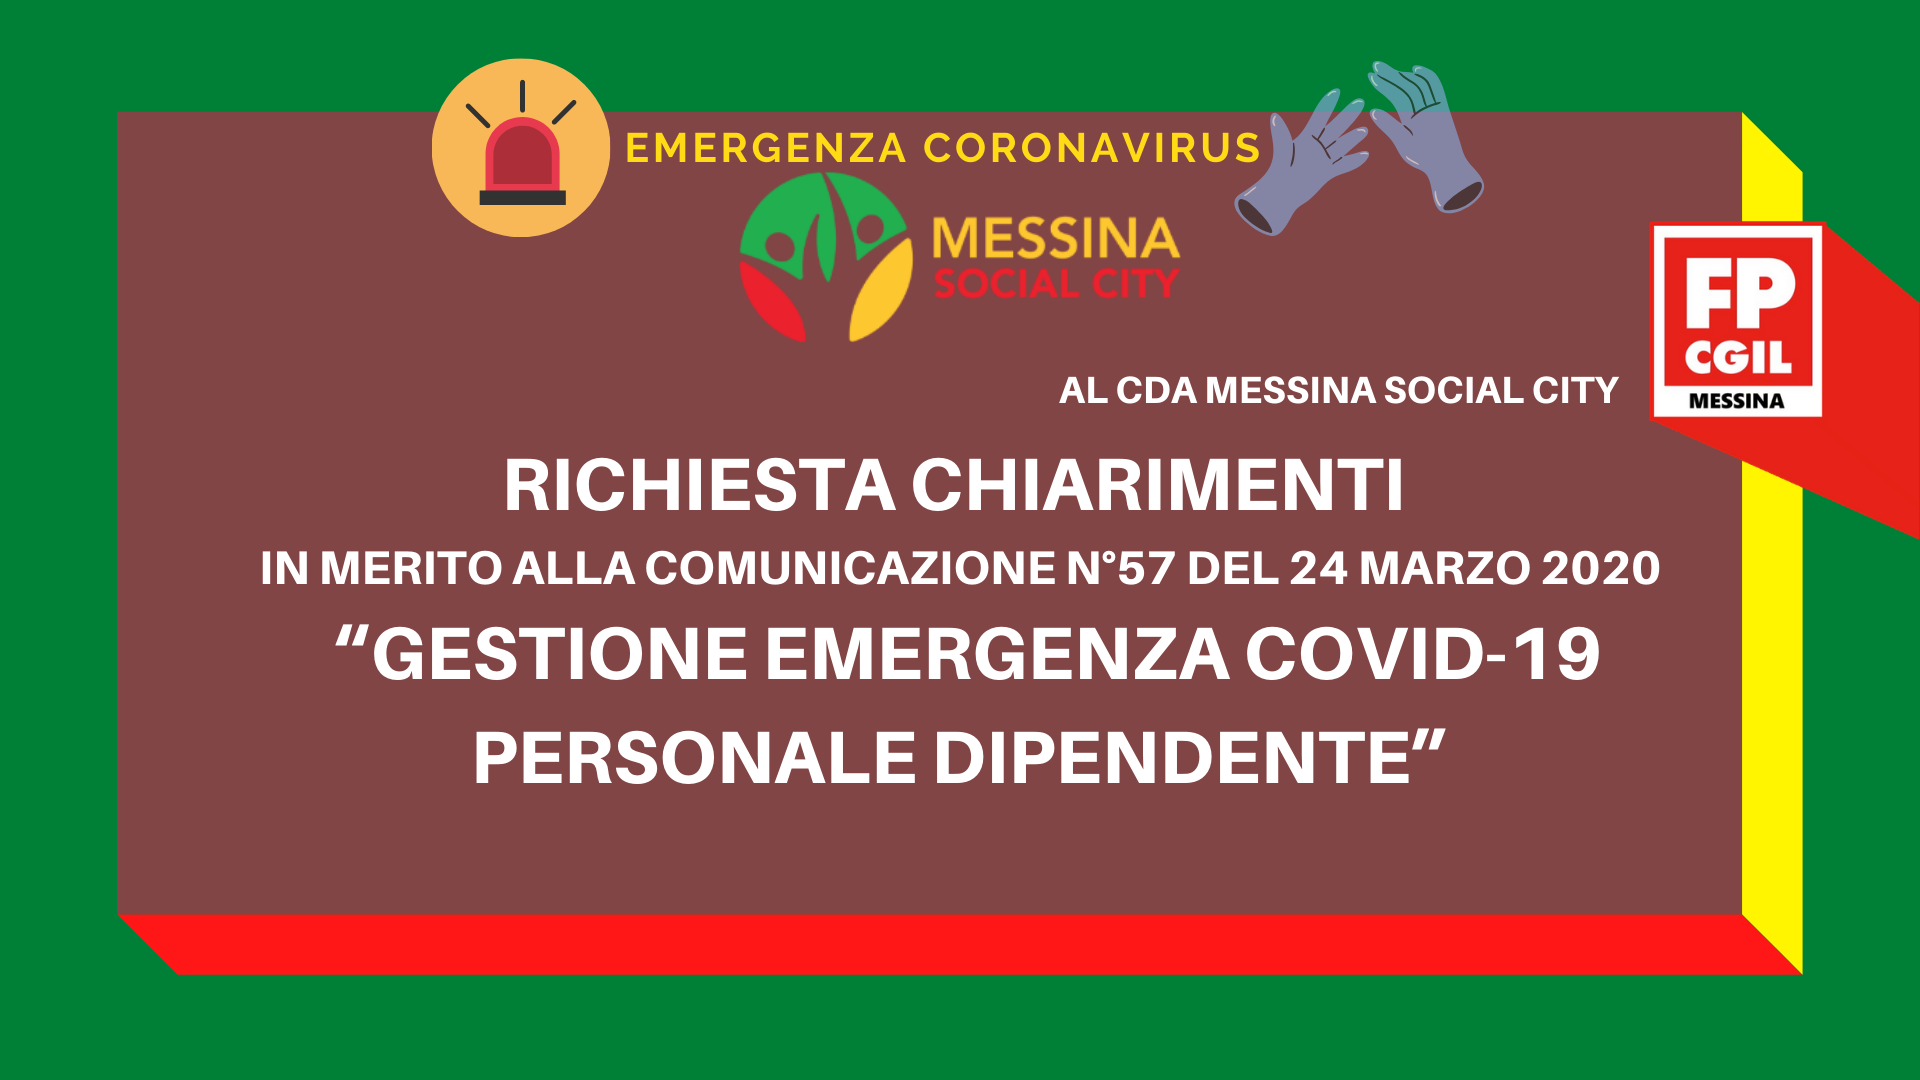 """Messina Social City, Richiesta chiarimenti in merito alla comunicazione n°57 del 24 marzo 2020 """"Gestione emergenza COVID19 personale dipendente"""". Attivazione urgente confronto sindacale e sospensione della disposizione 57/2020"""